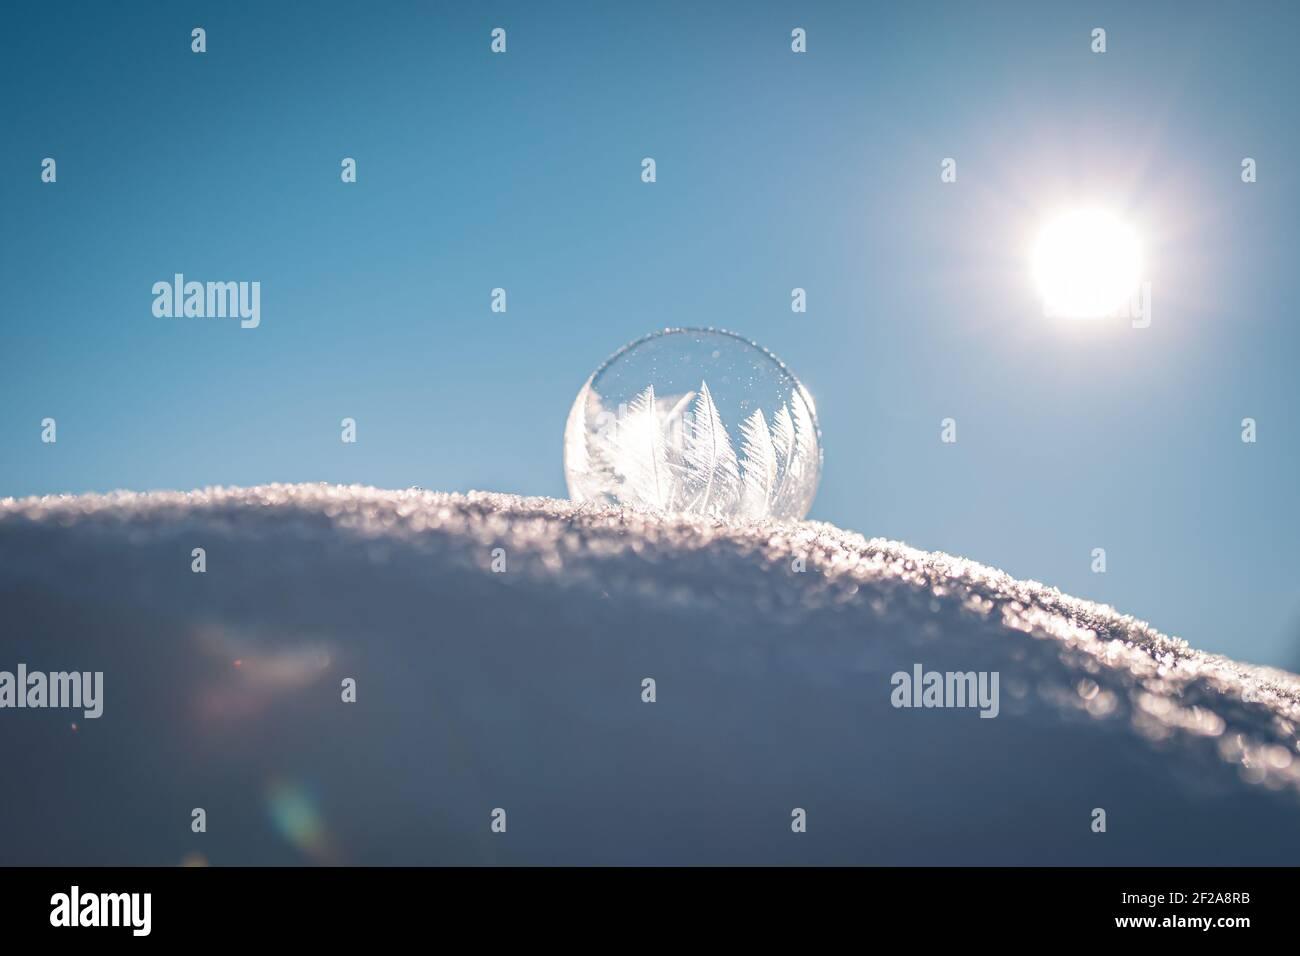 Burbuja de jabón congelada con un hermoso patrón en la nieve primer plano sobre un fondo borroso Foto de stock